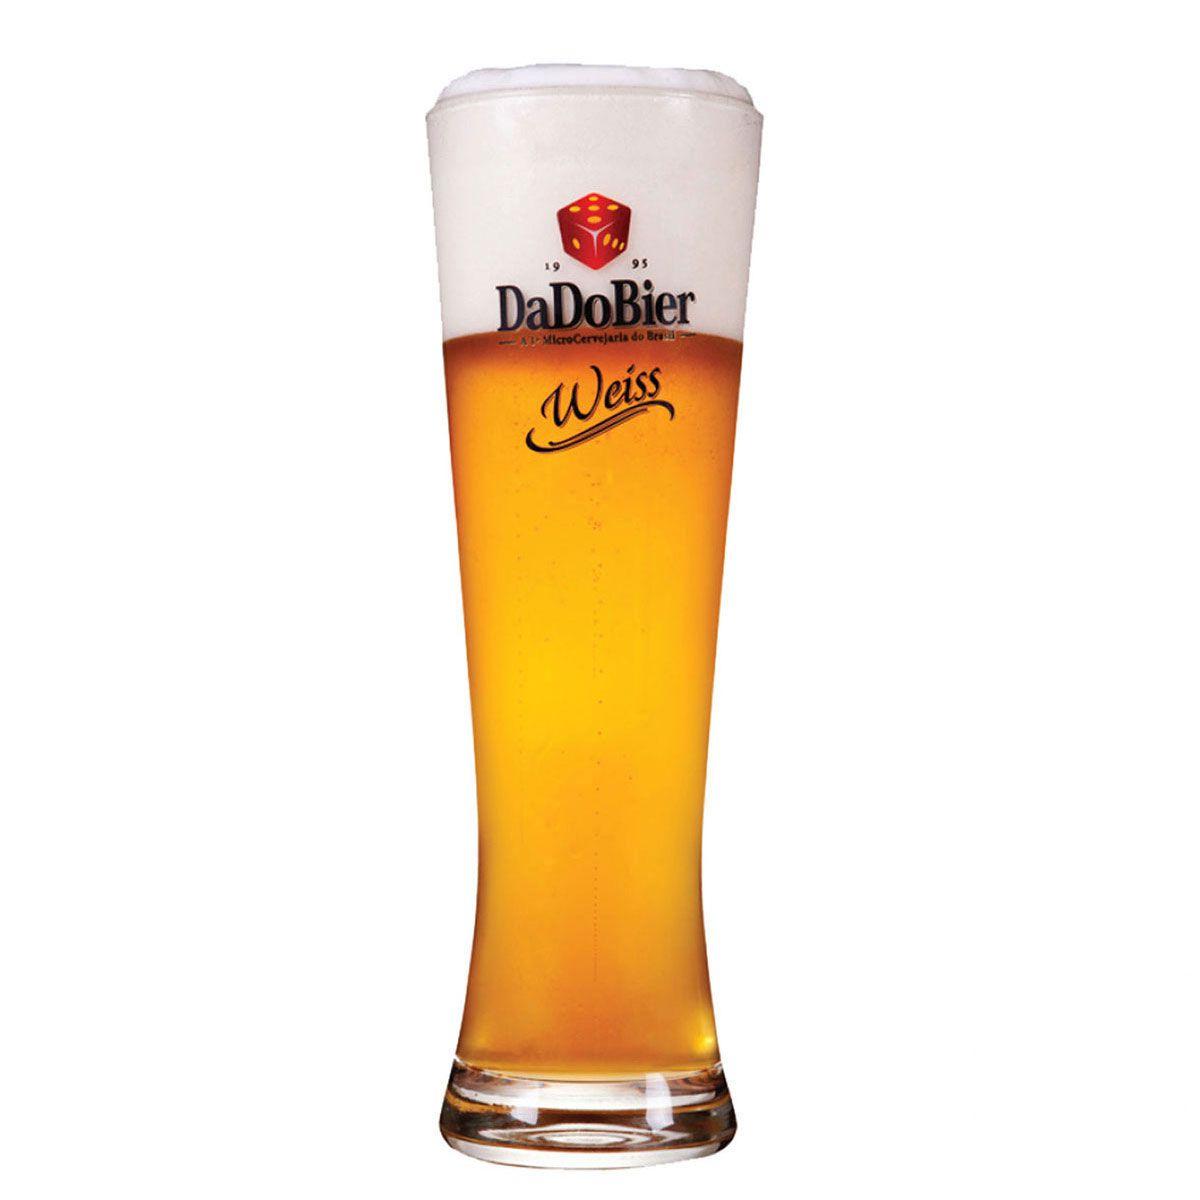 Copo De Cerveja - Dado Bier Weiss 720ml